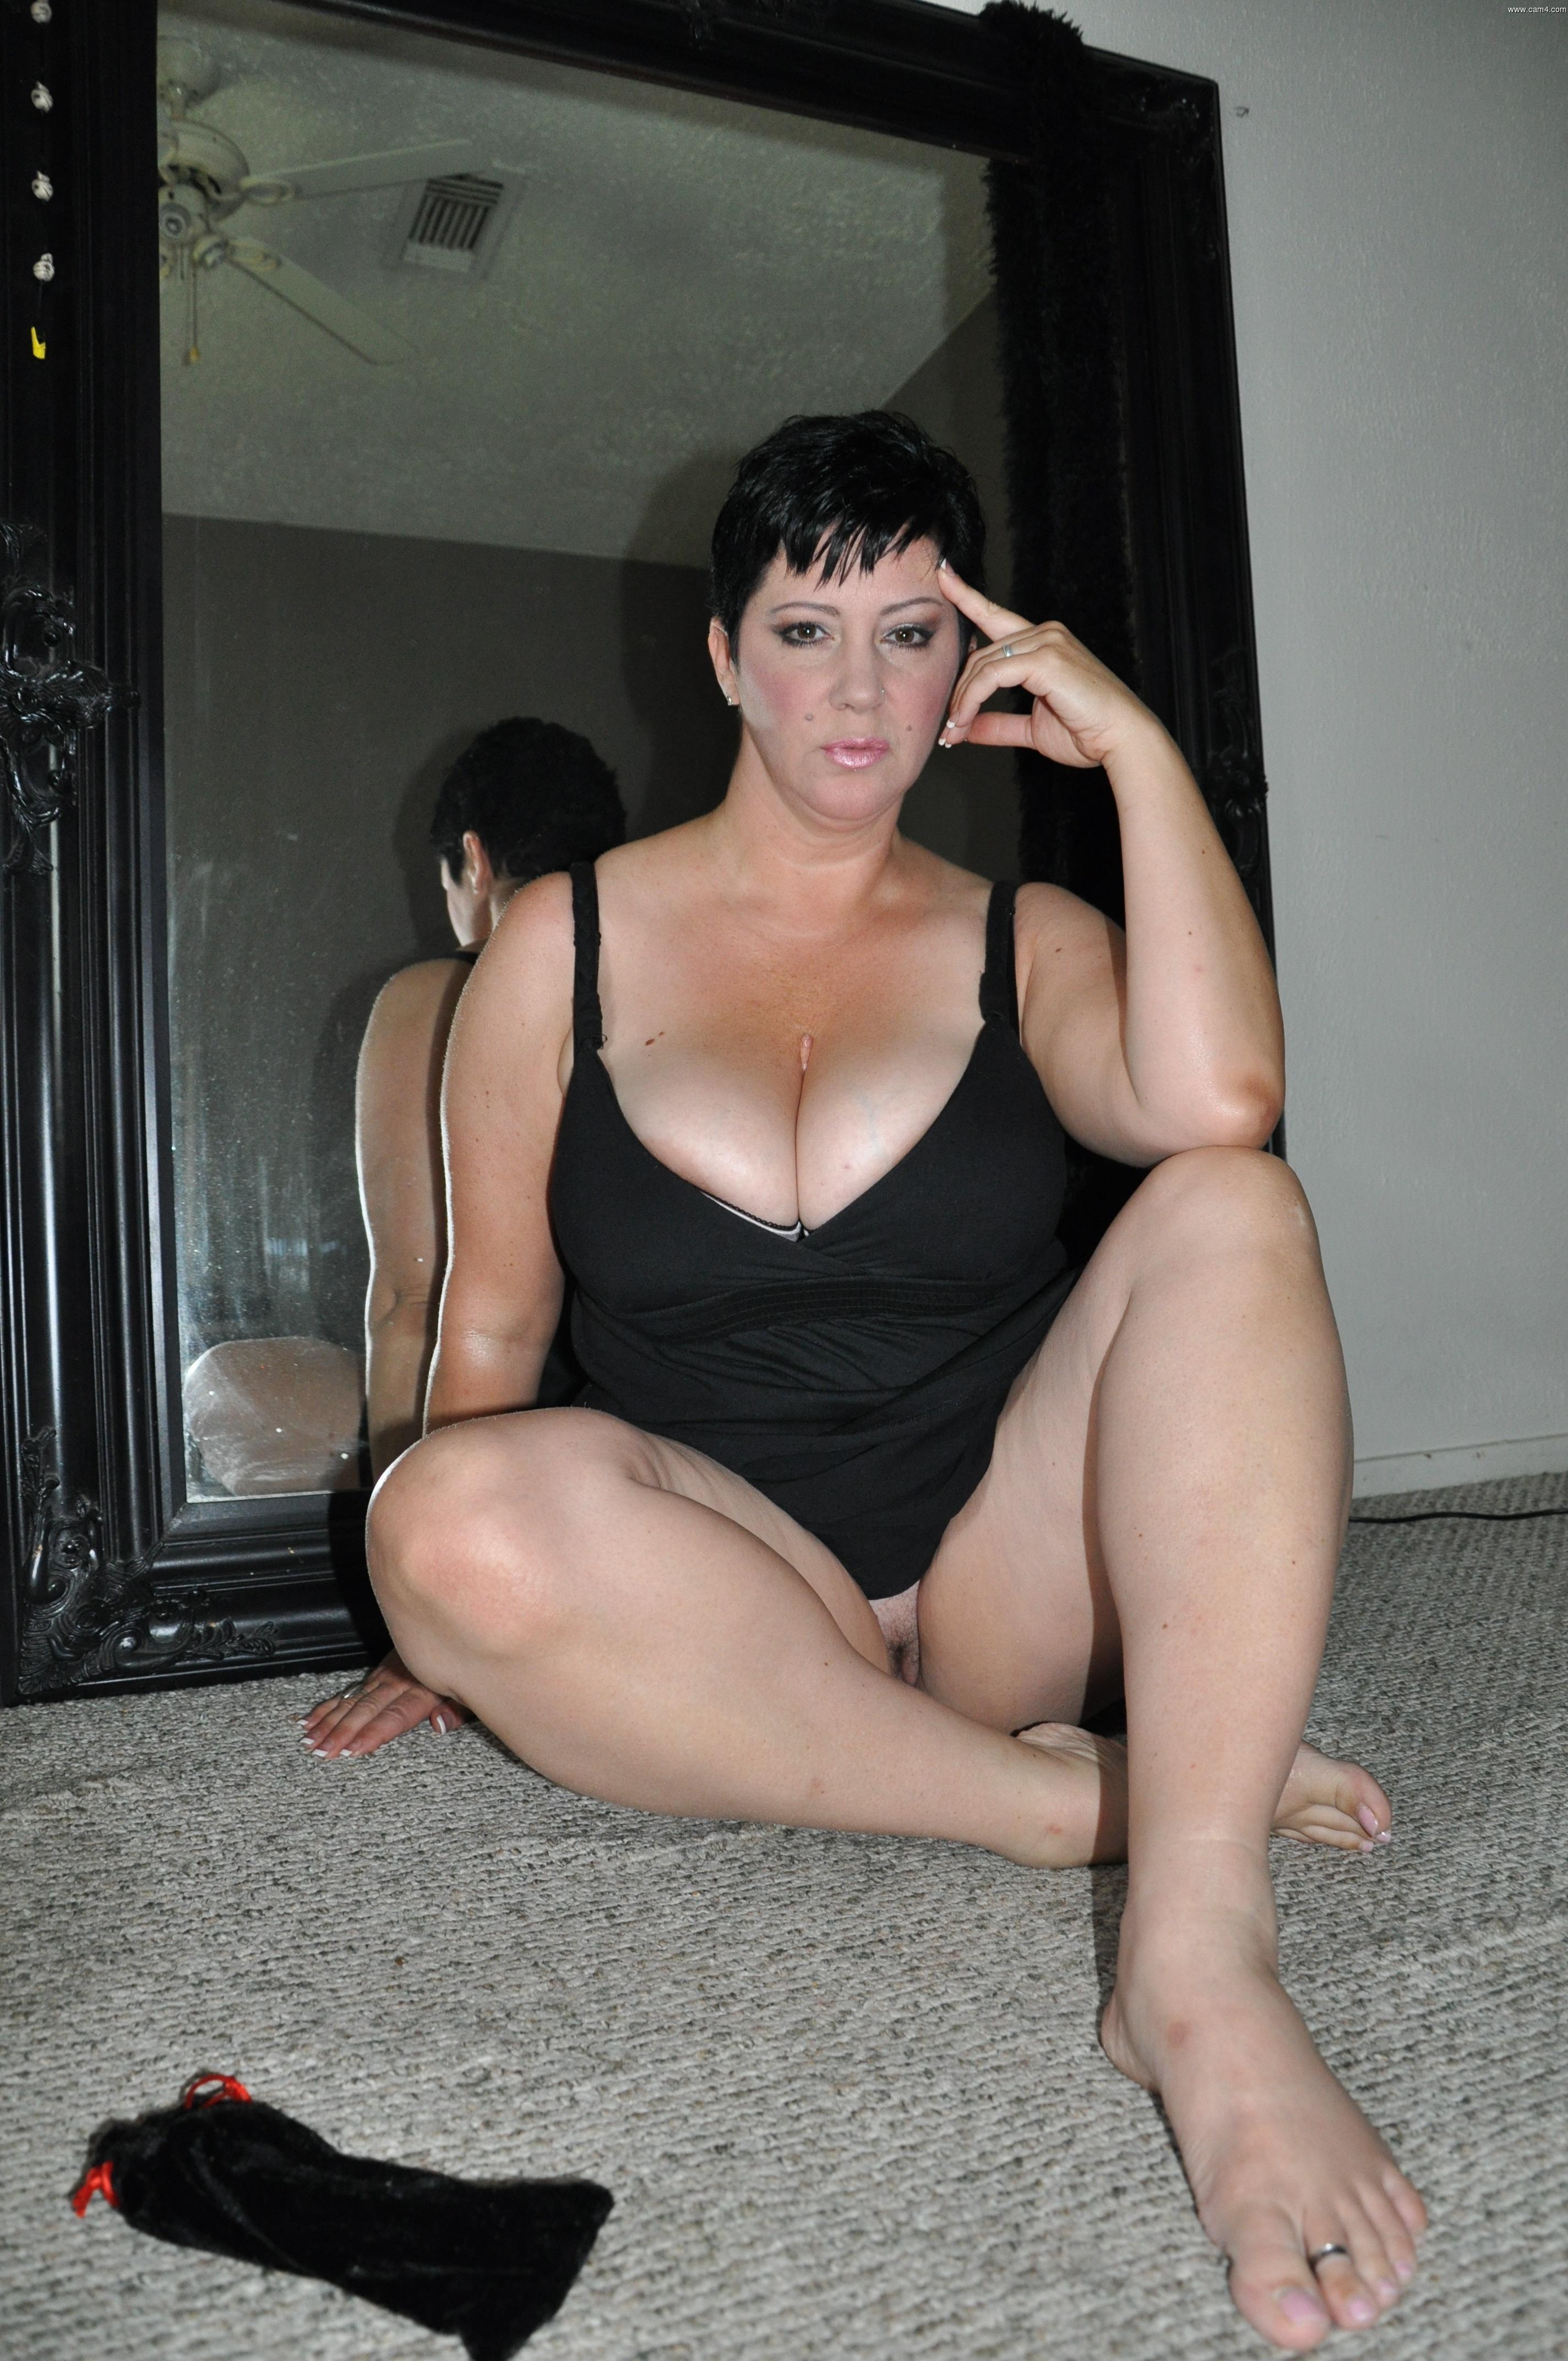 Sexy kik profiles